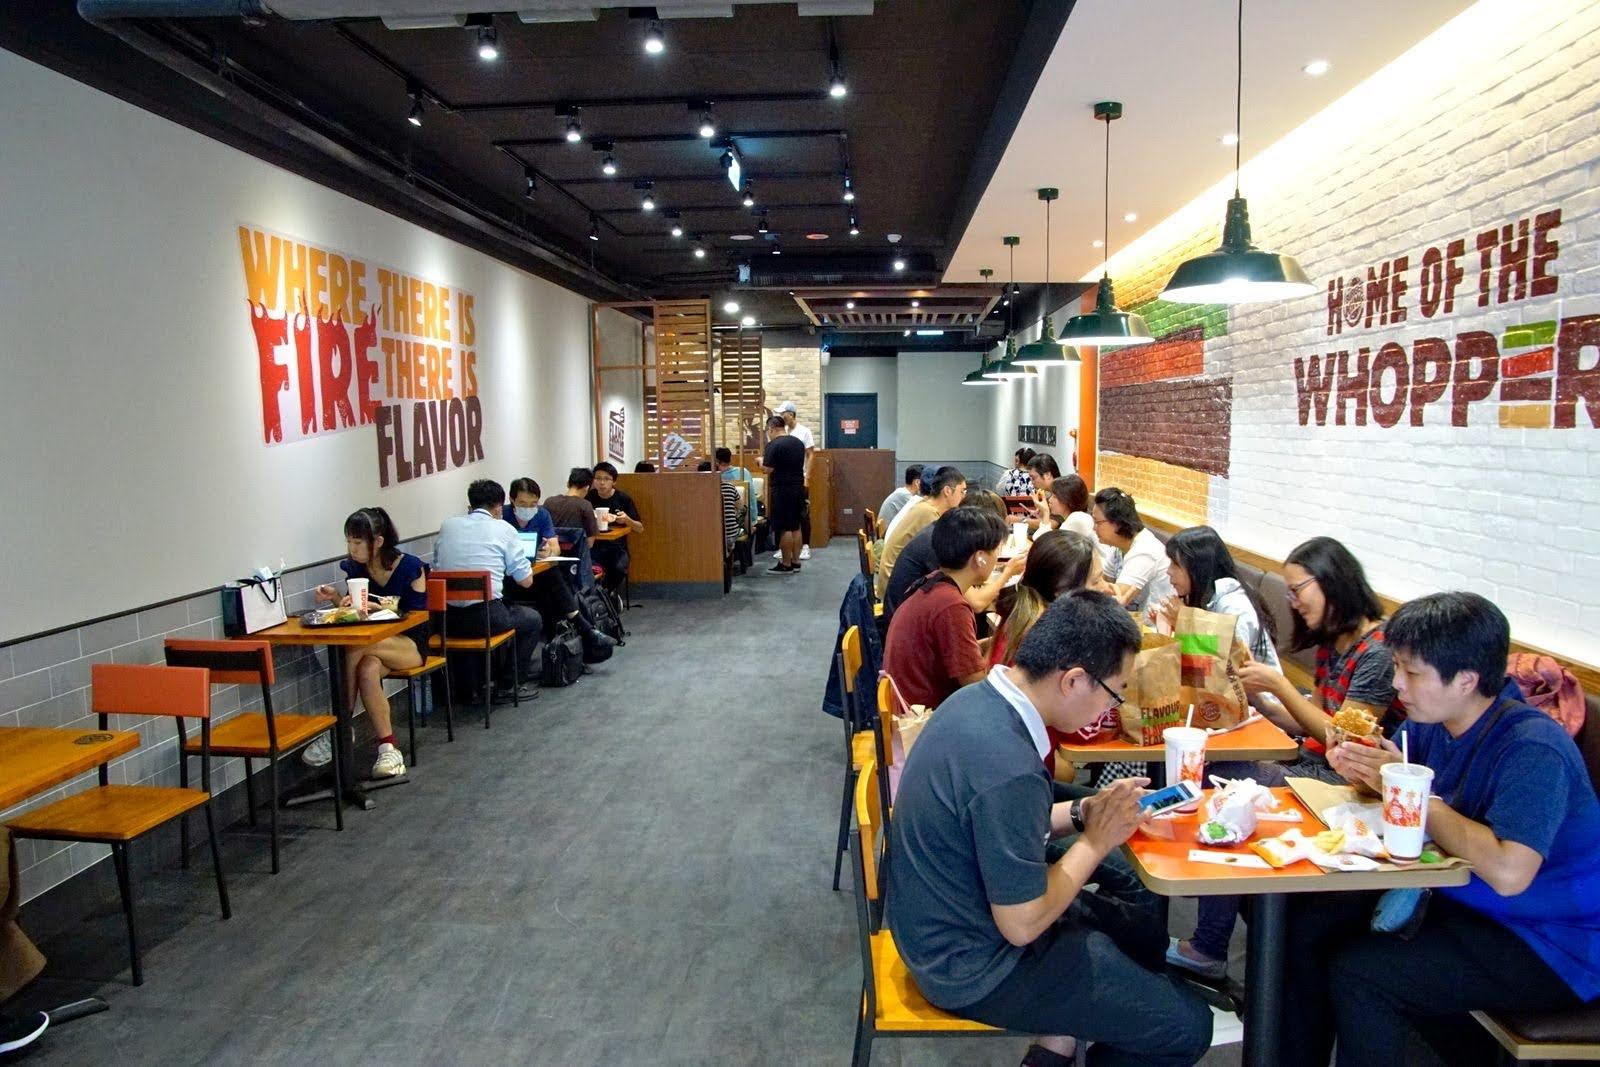 [台南][北區] 漢堡王台南店|9/1開幕|全球唯一台南限定巧克力華堡亮相|食記